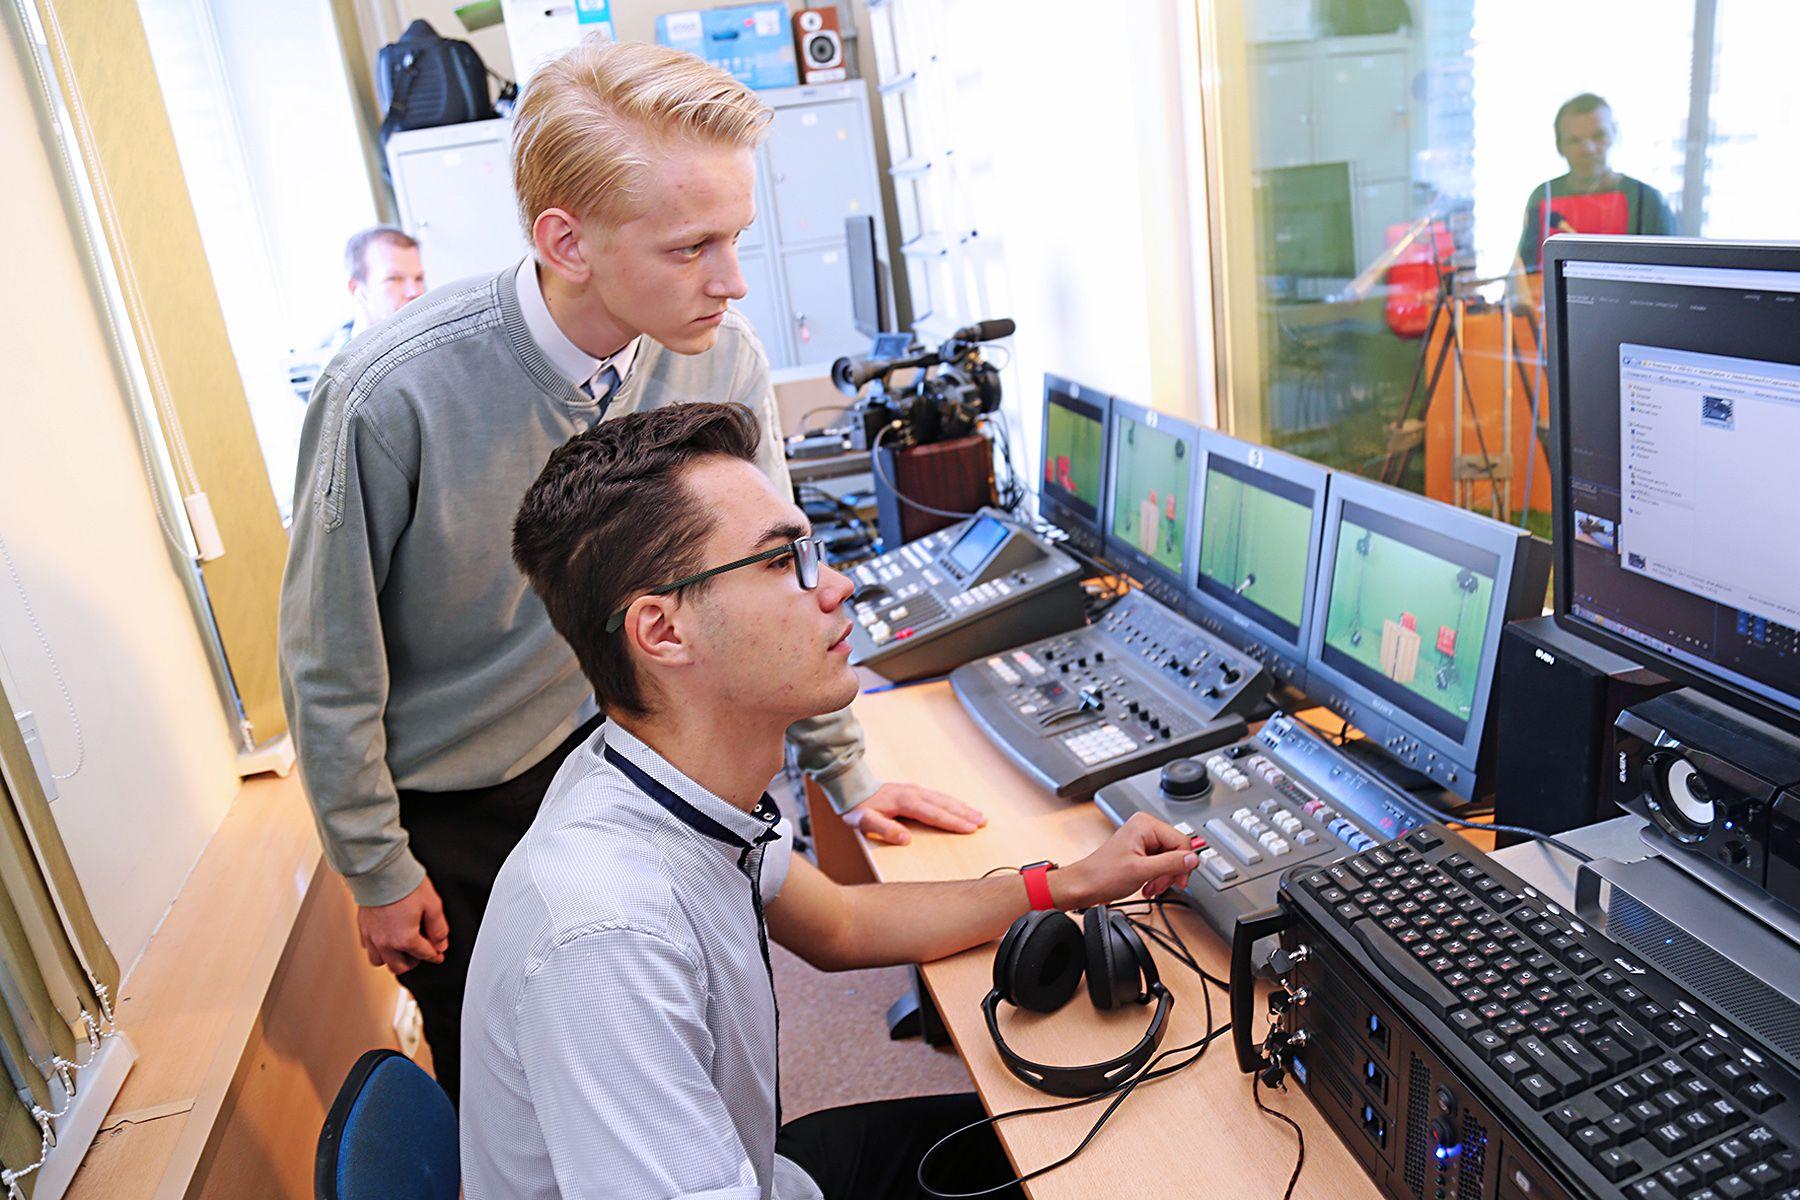 Финал краевой олимпиады по информатике и программированию ISFIT для старшеклассников пройдет в онлайн-формате во ВГУЭС